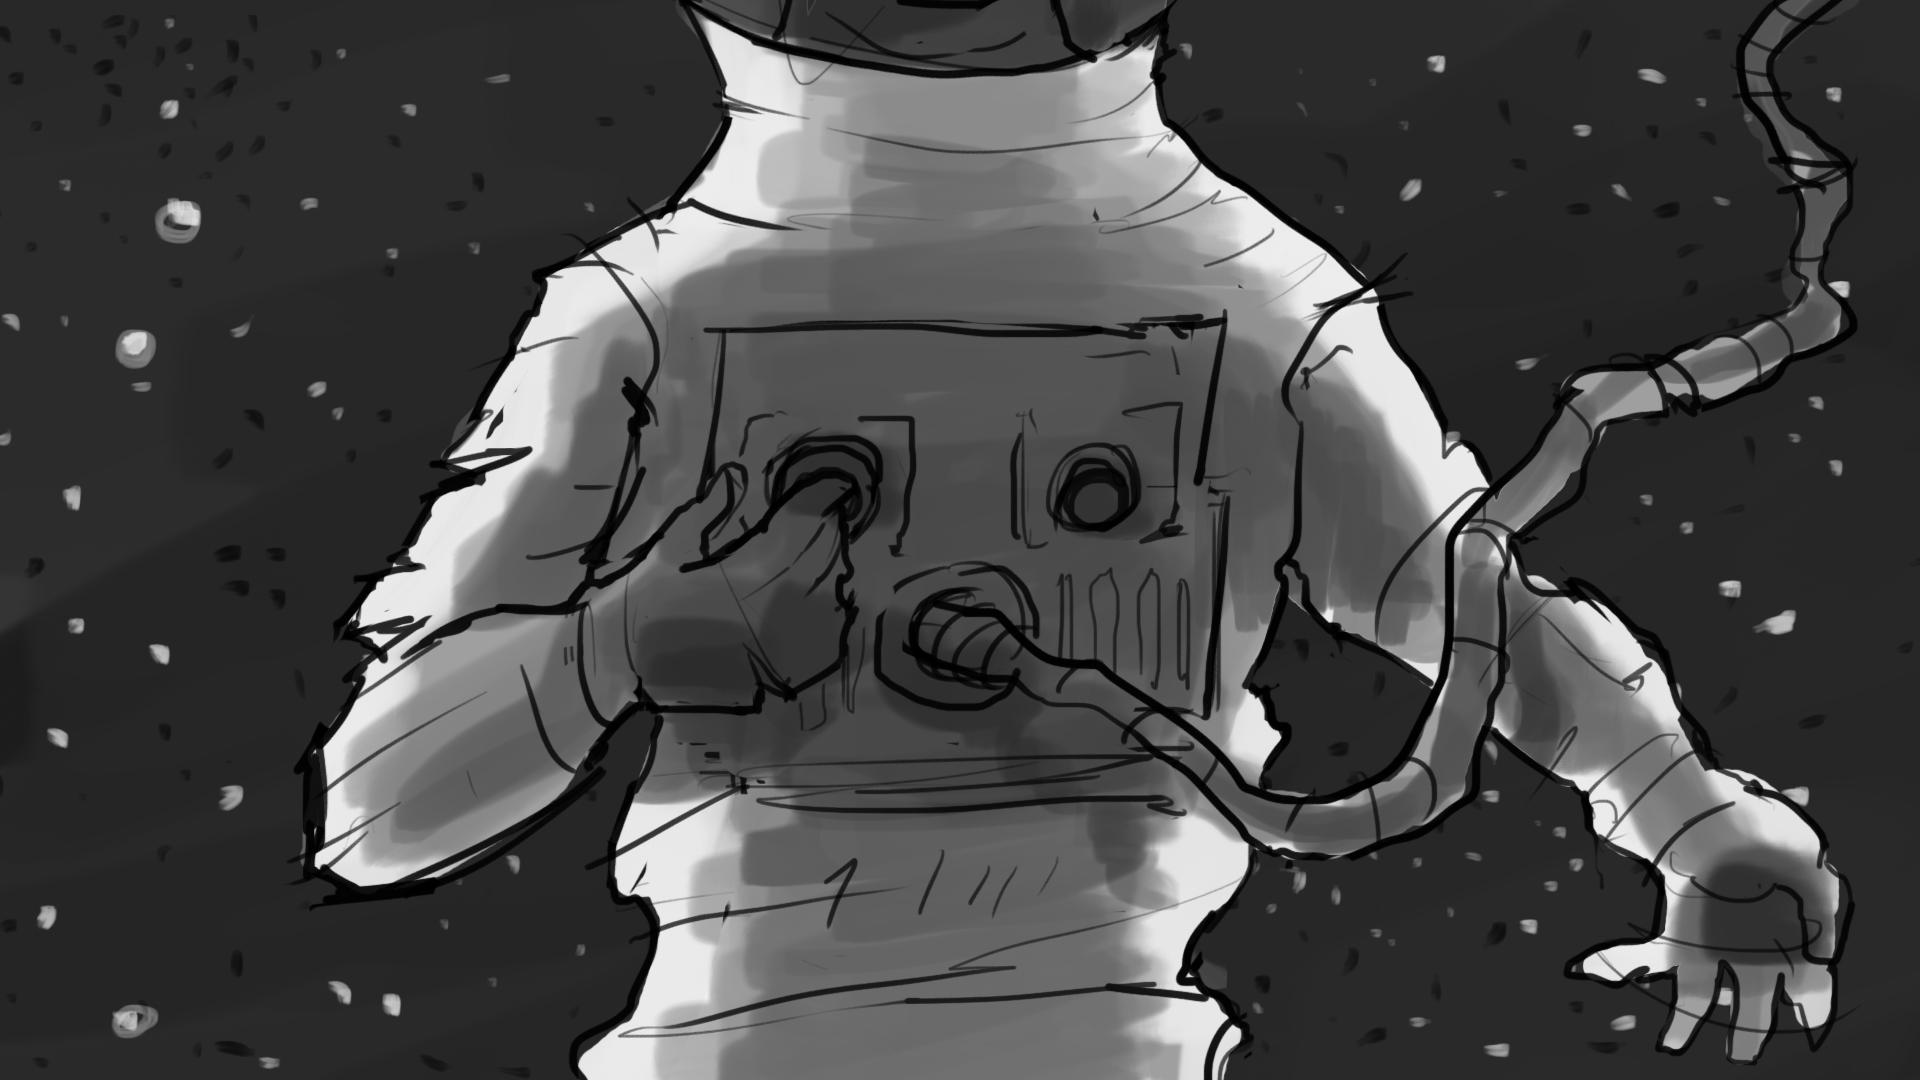 Rocket_Man_Storyboard_Artboard 13.jpg